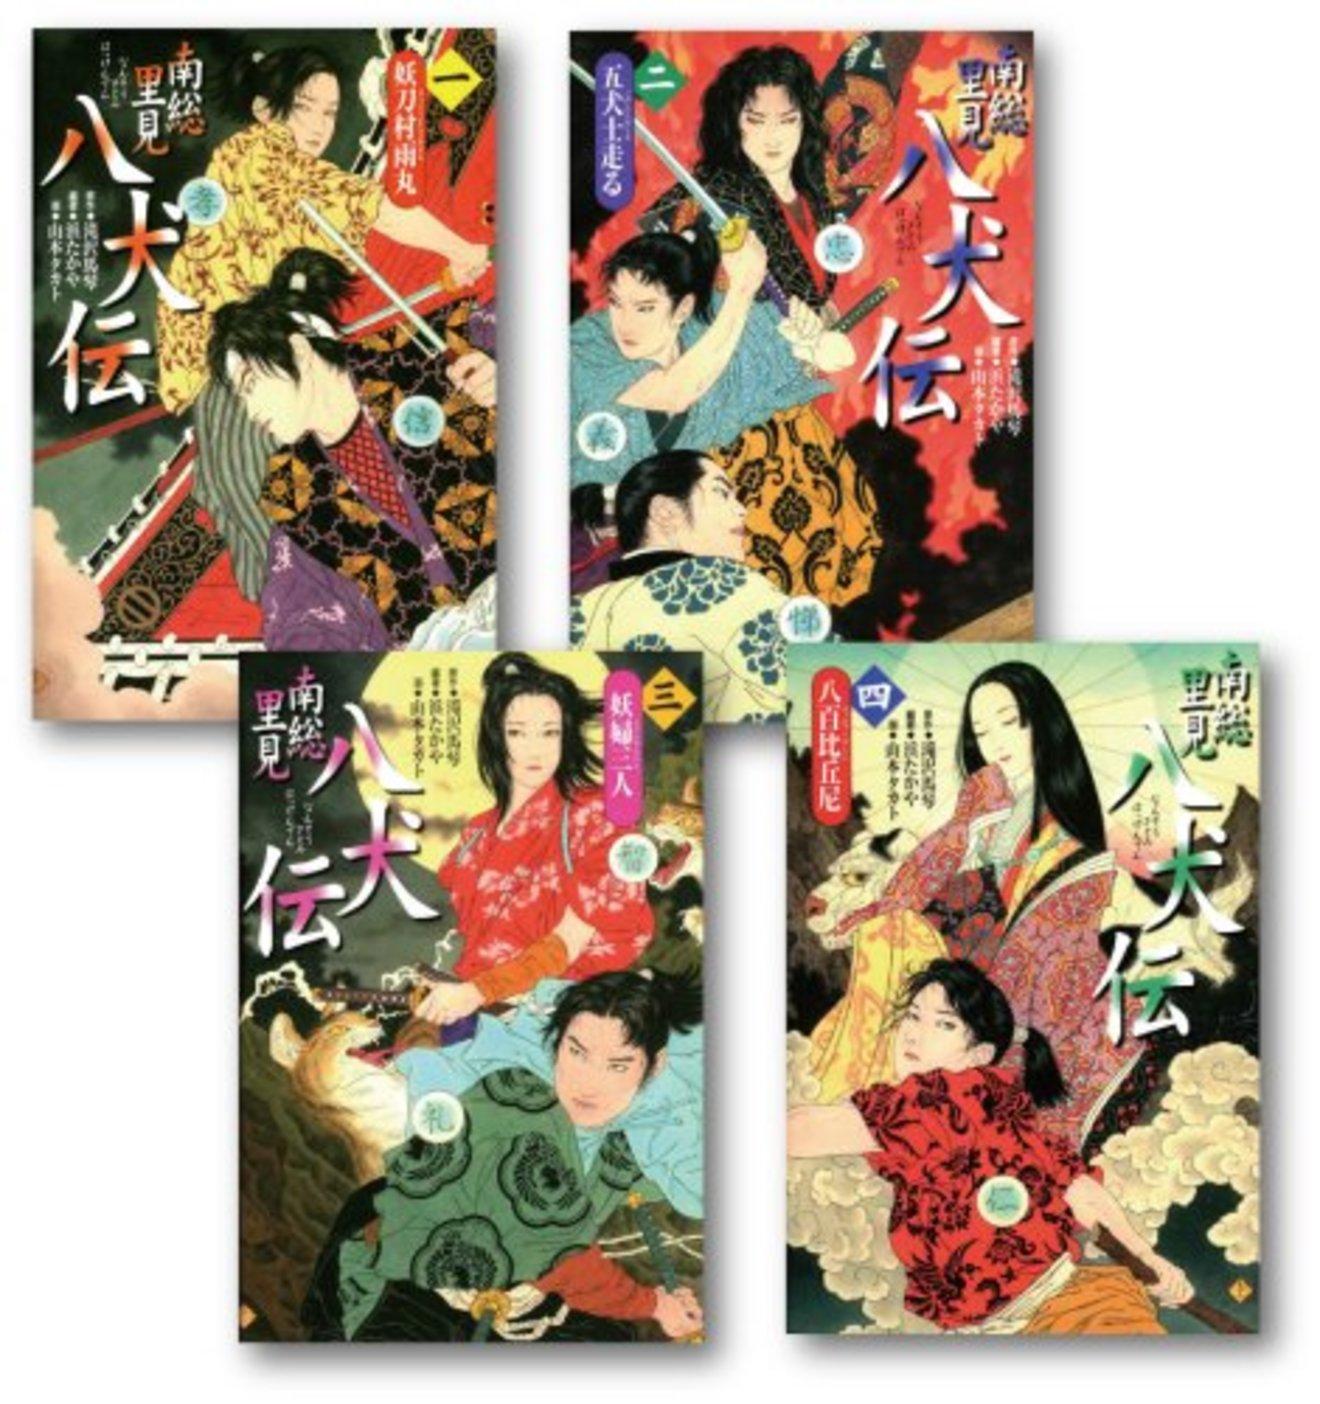 色褪せない傑作冒険小説6選!不朽の名作を一挙紹介。